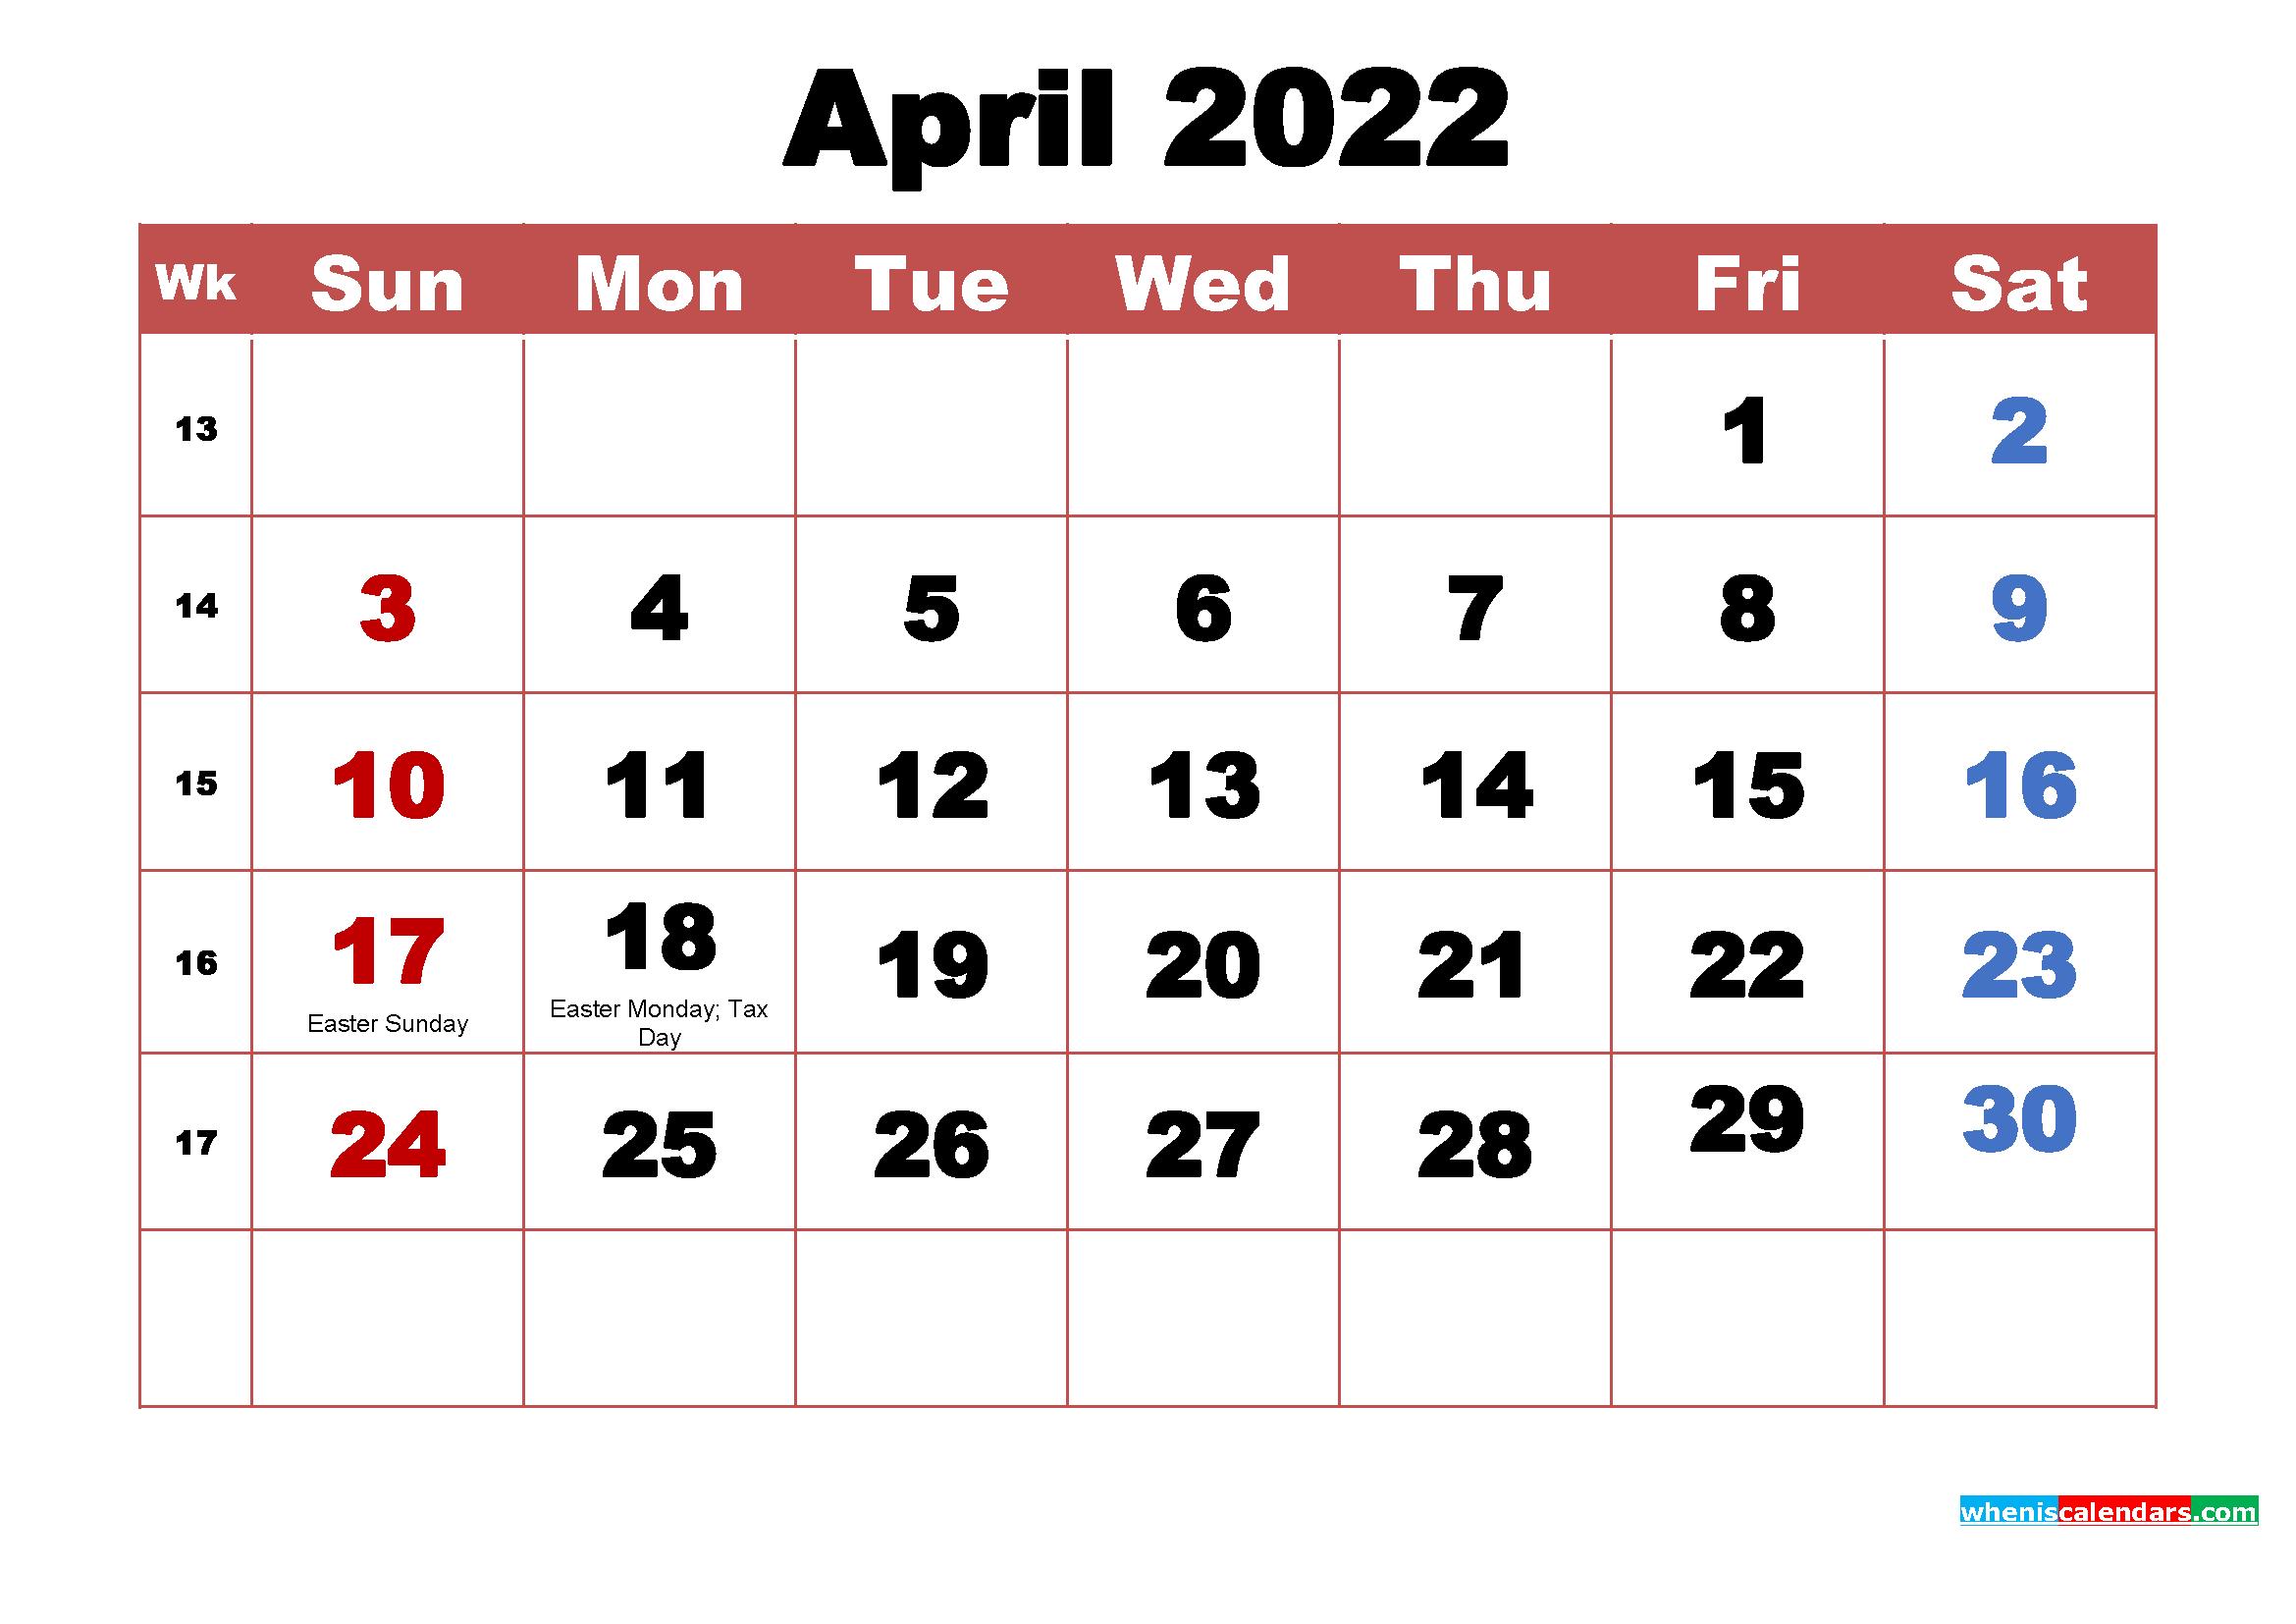 April 2022 Calendar Wallpaper High Resolution 2339x1654